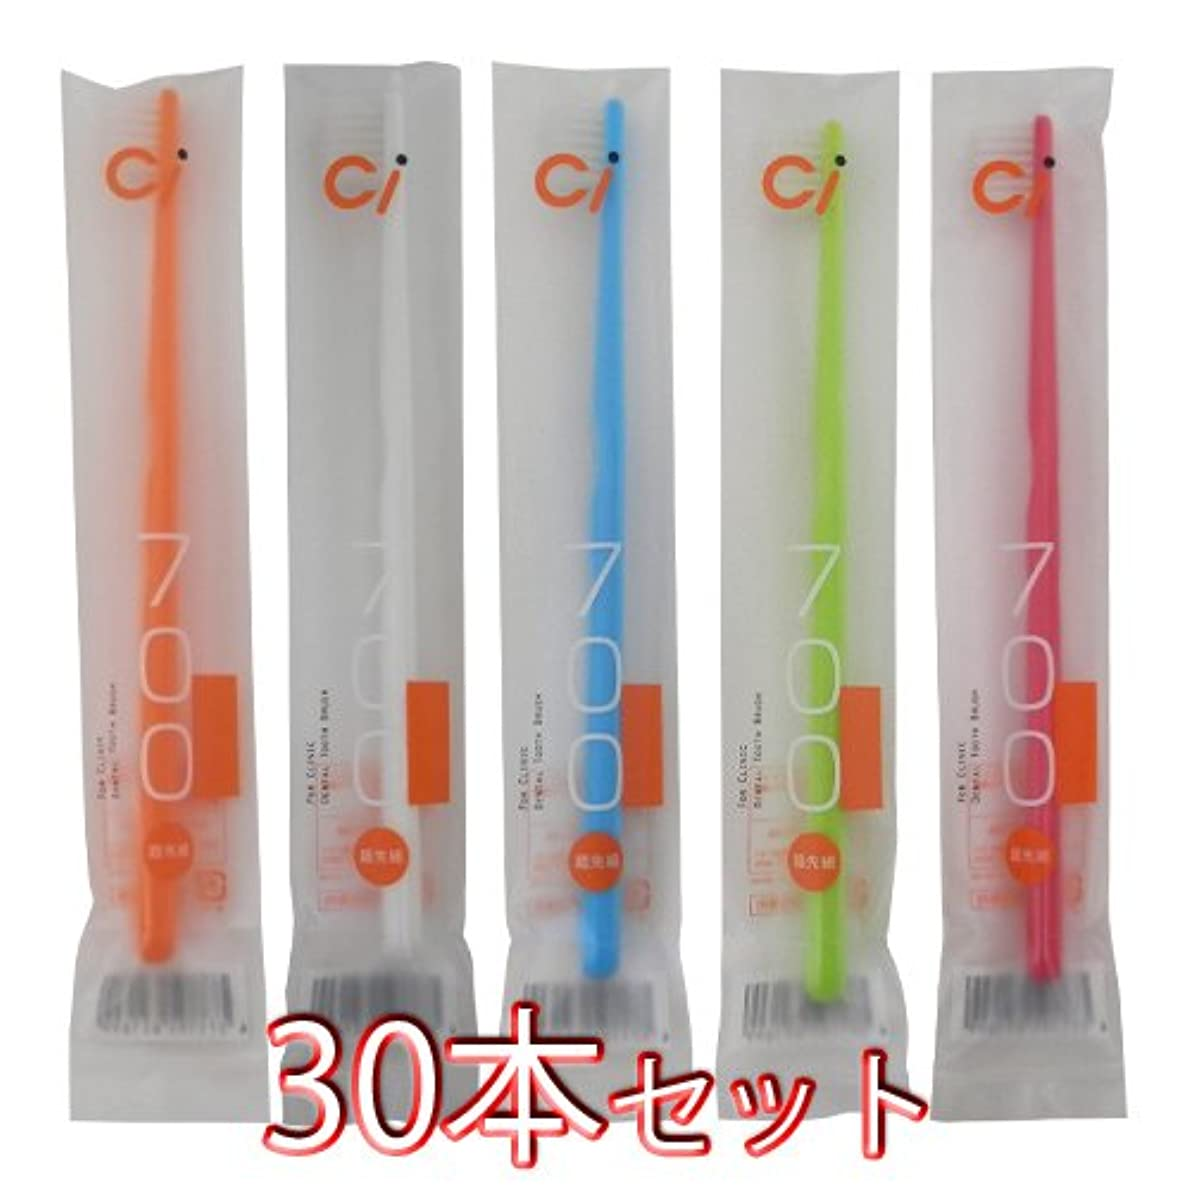 地味なほめるテラスCiメディカル Ci700 超先細 ラウンド毛 歯ブラシ(Mふつう) 30本セット